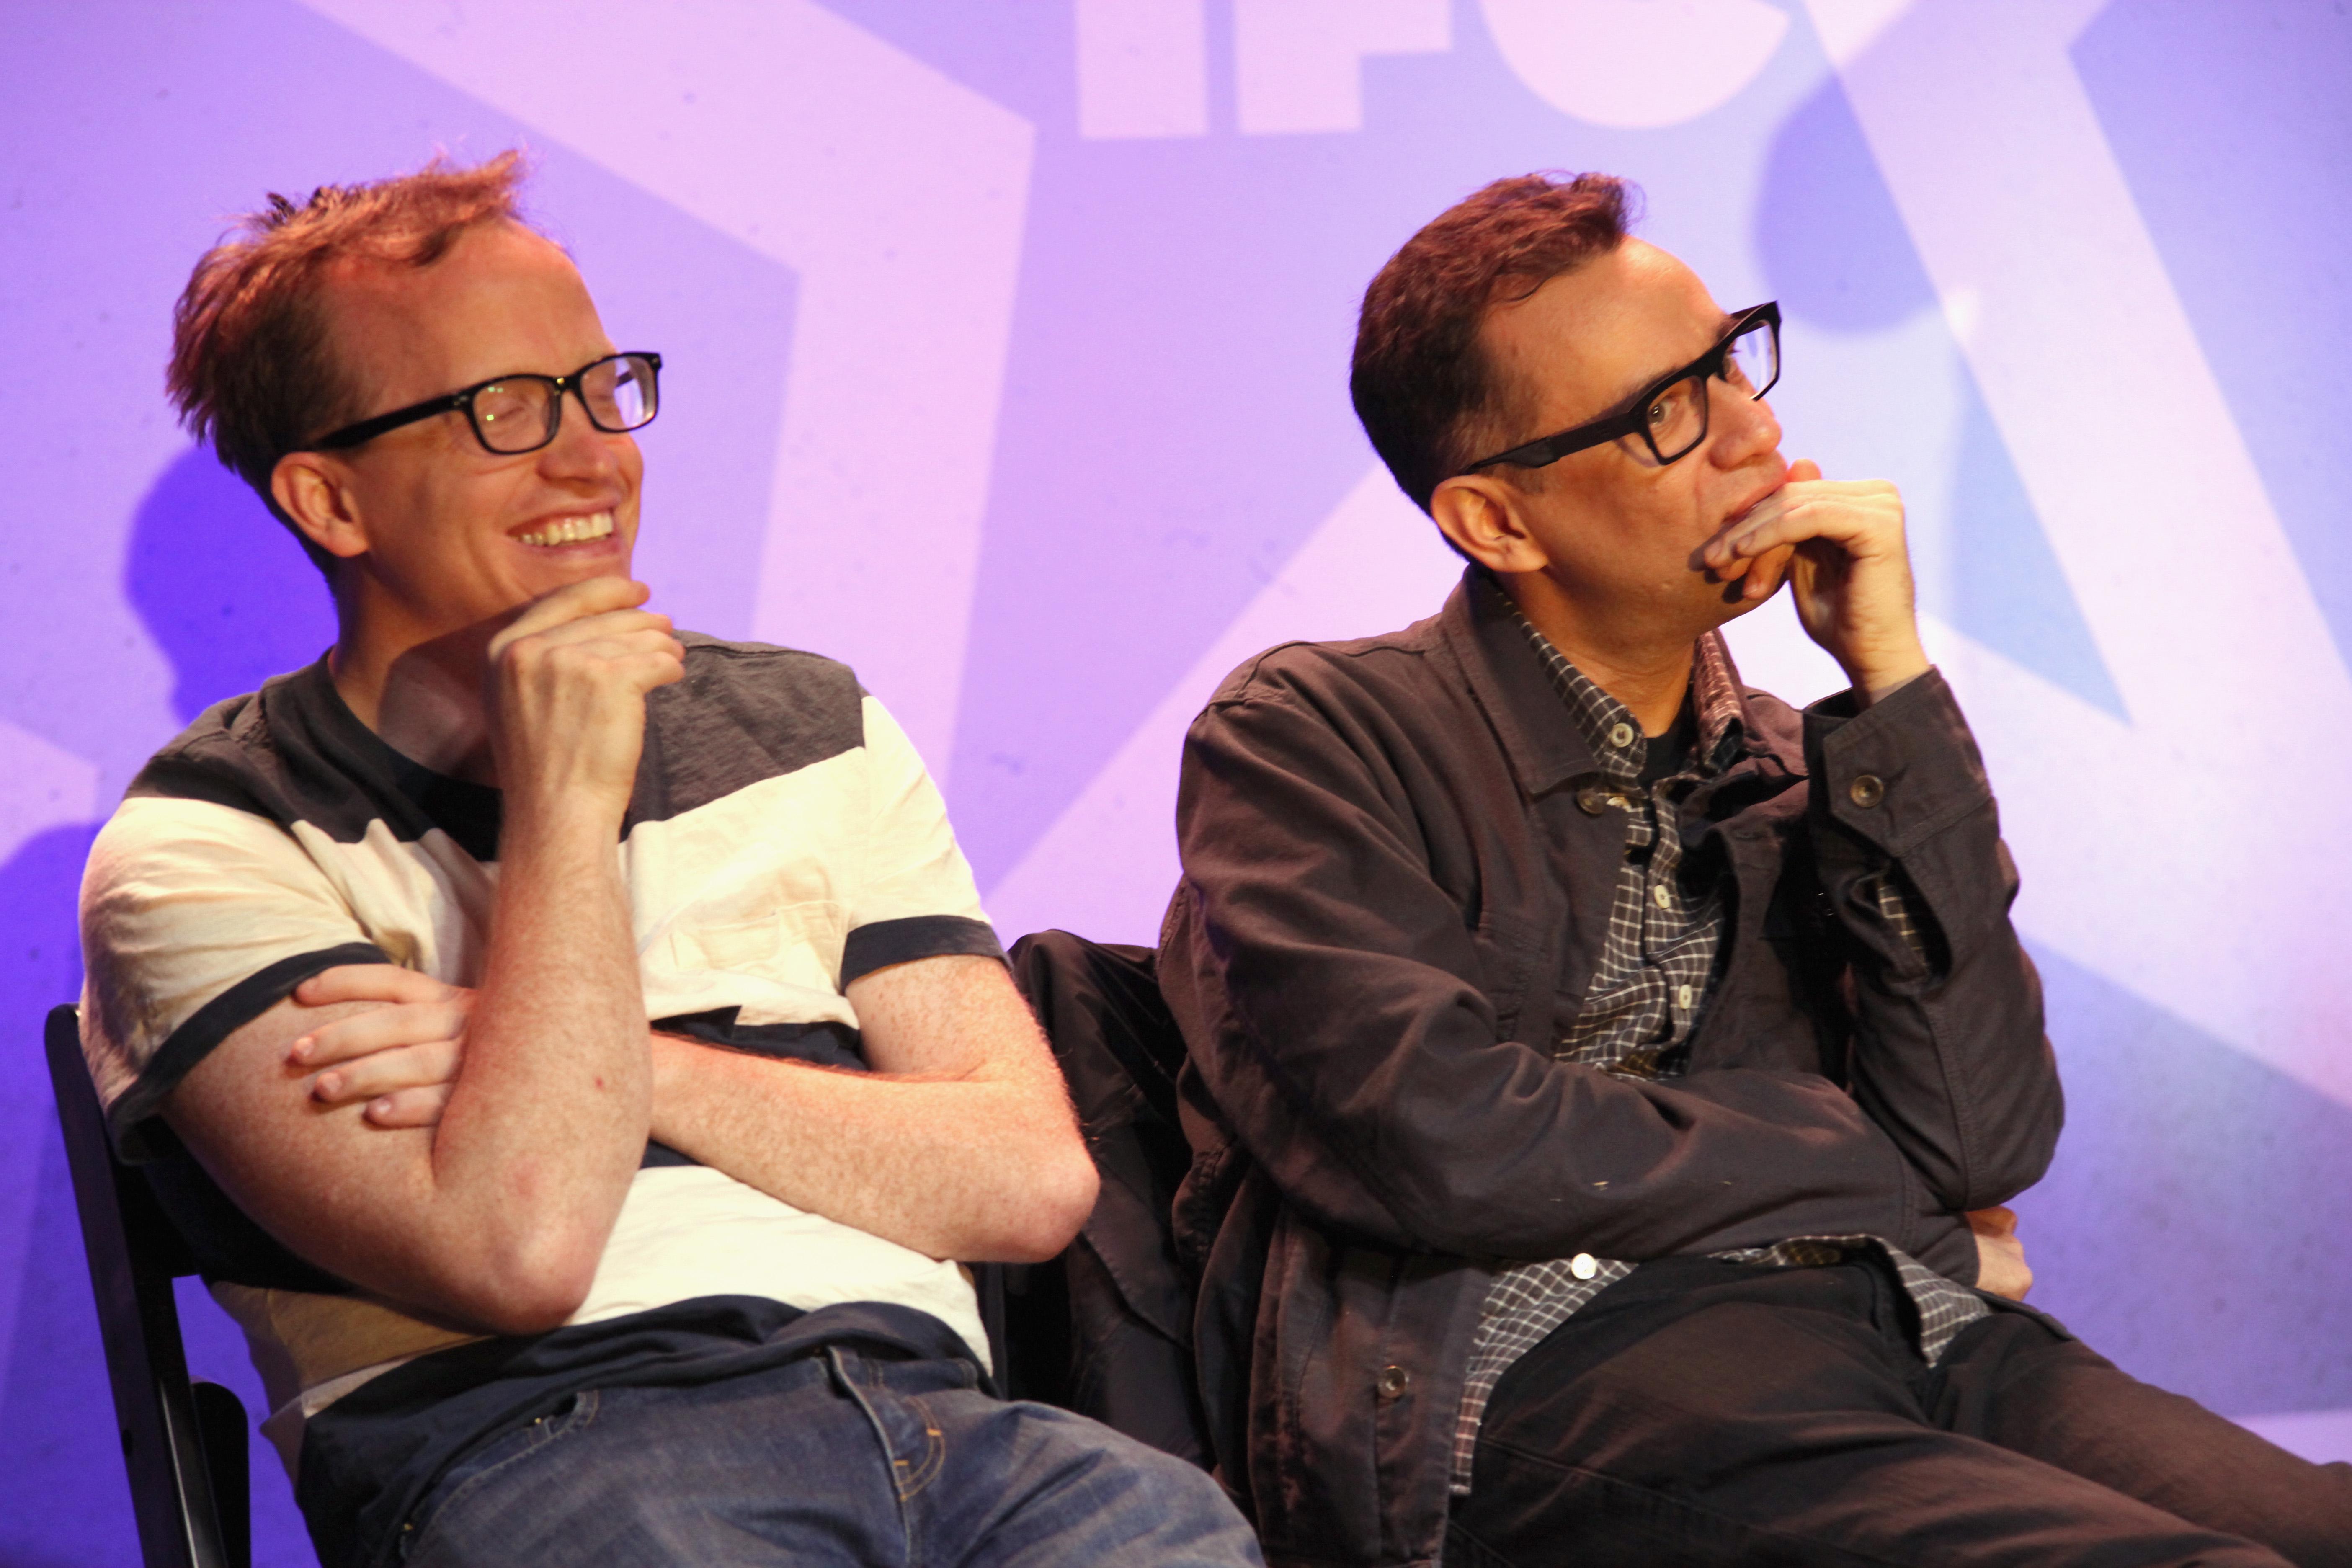 Fred Armisen and Chris Gethard sat for Stranger Than Fiction.